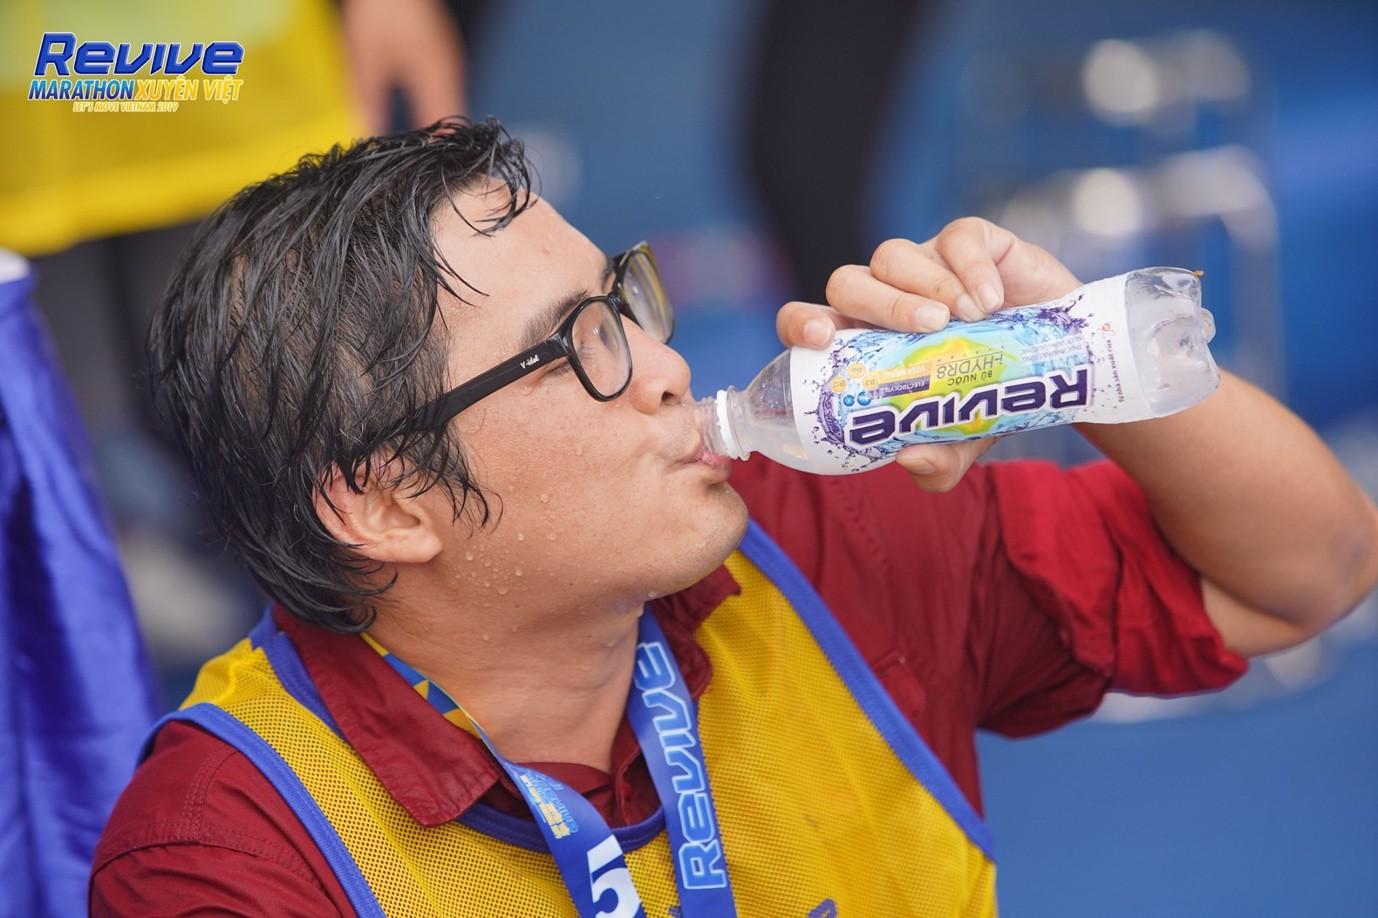 Minh Hằng, Mlee, Quốc Anh... thử sức mình trong giải Revive Marathon Xuyên Việt - Ảnh 4.